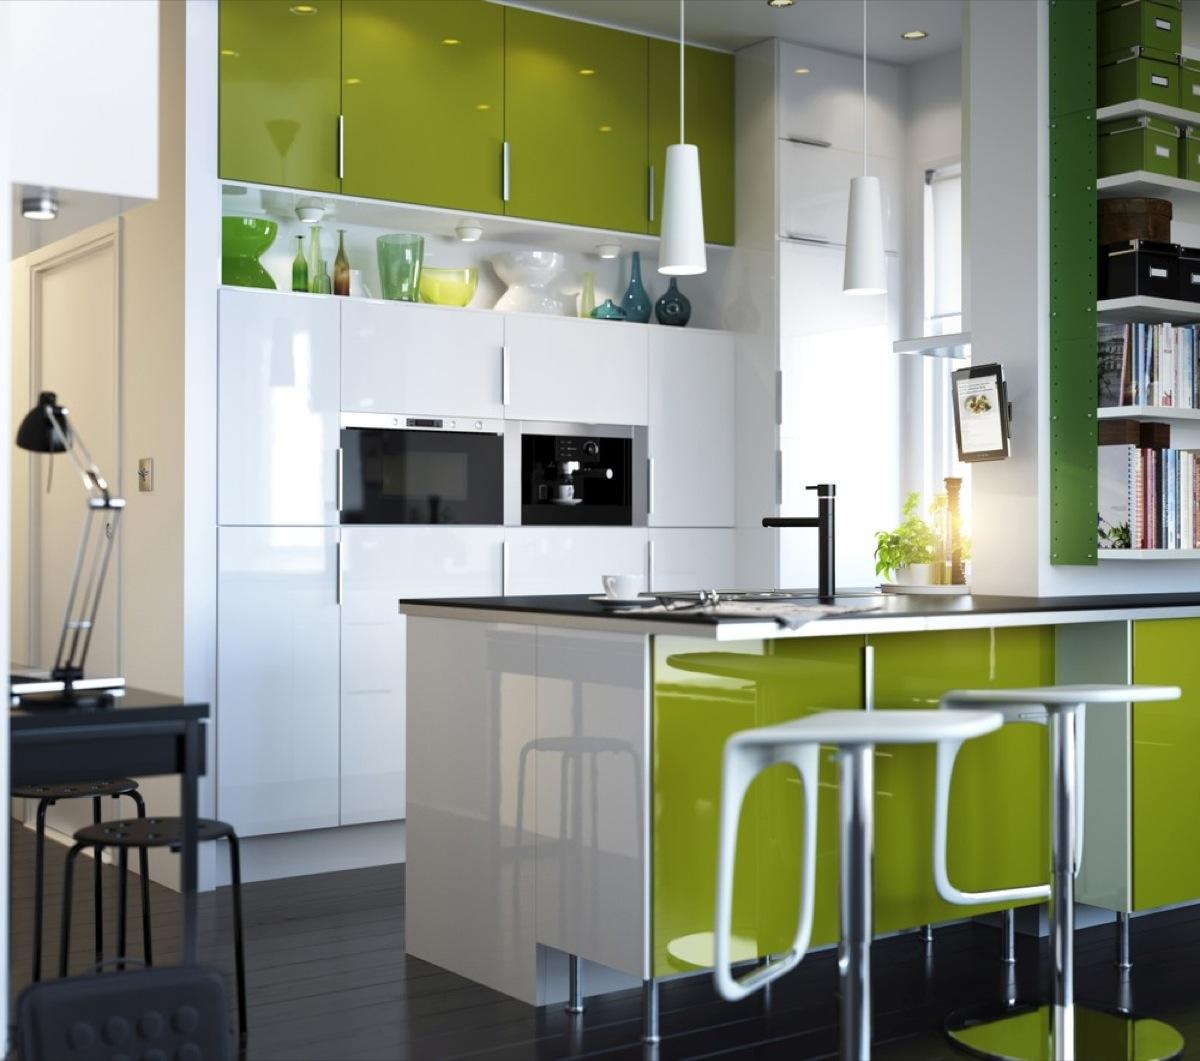 Trucos para ganar espacio en una pequeña cocina - amplitud Visual ...